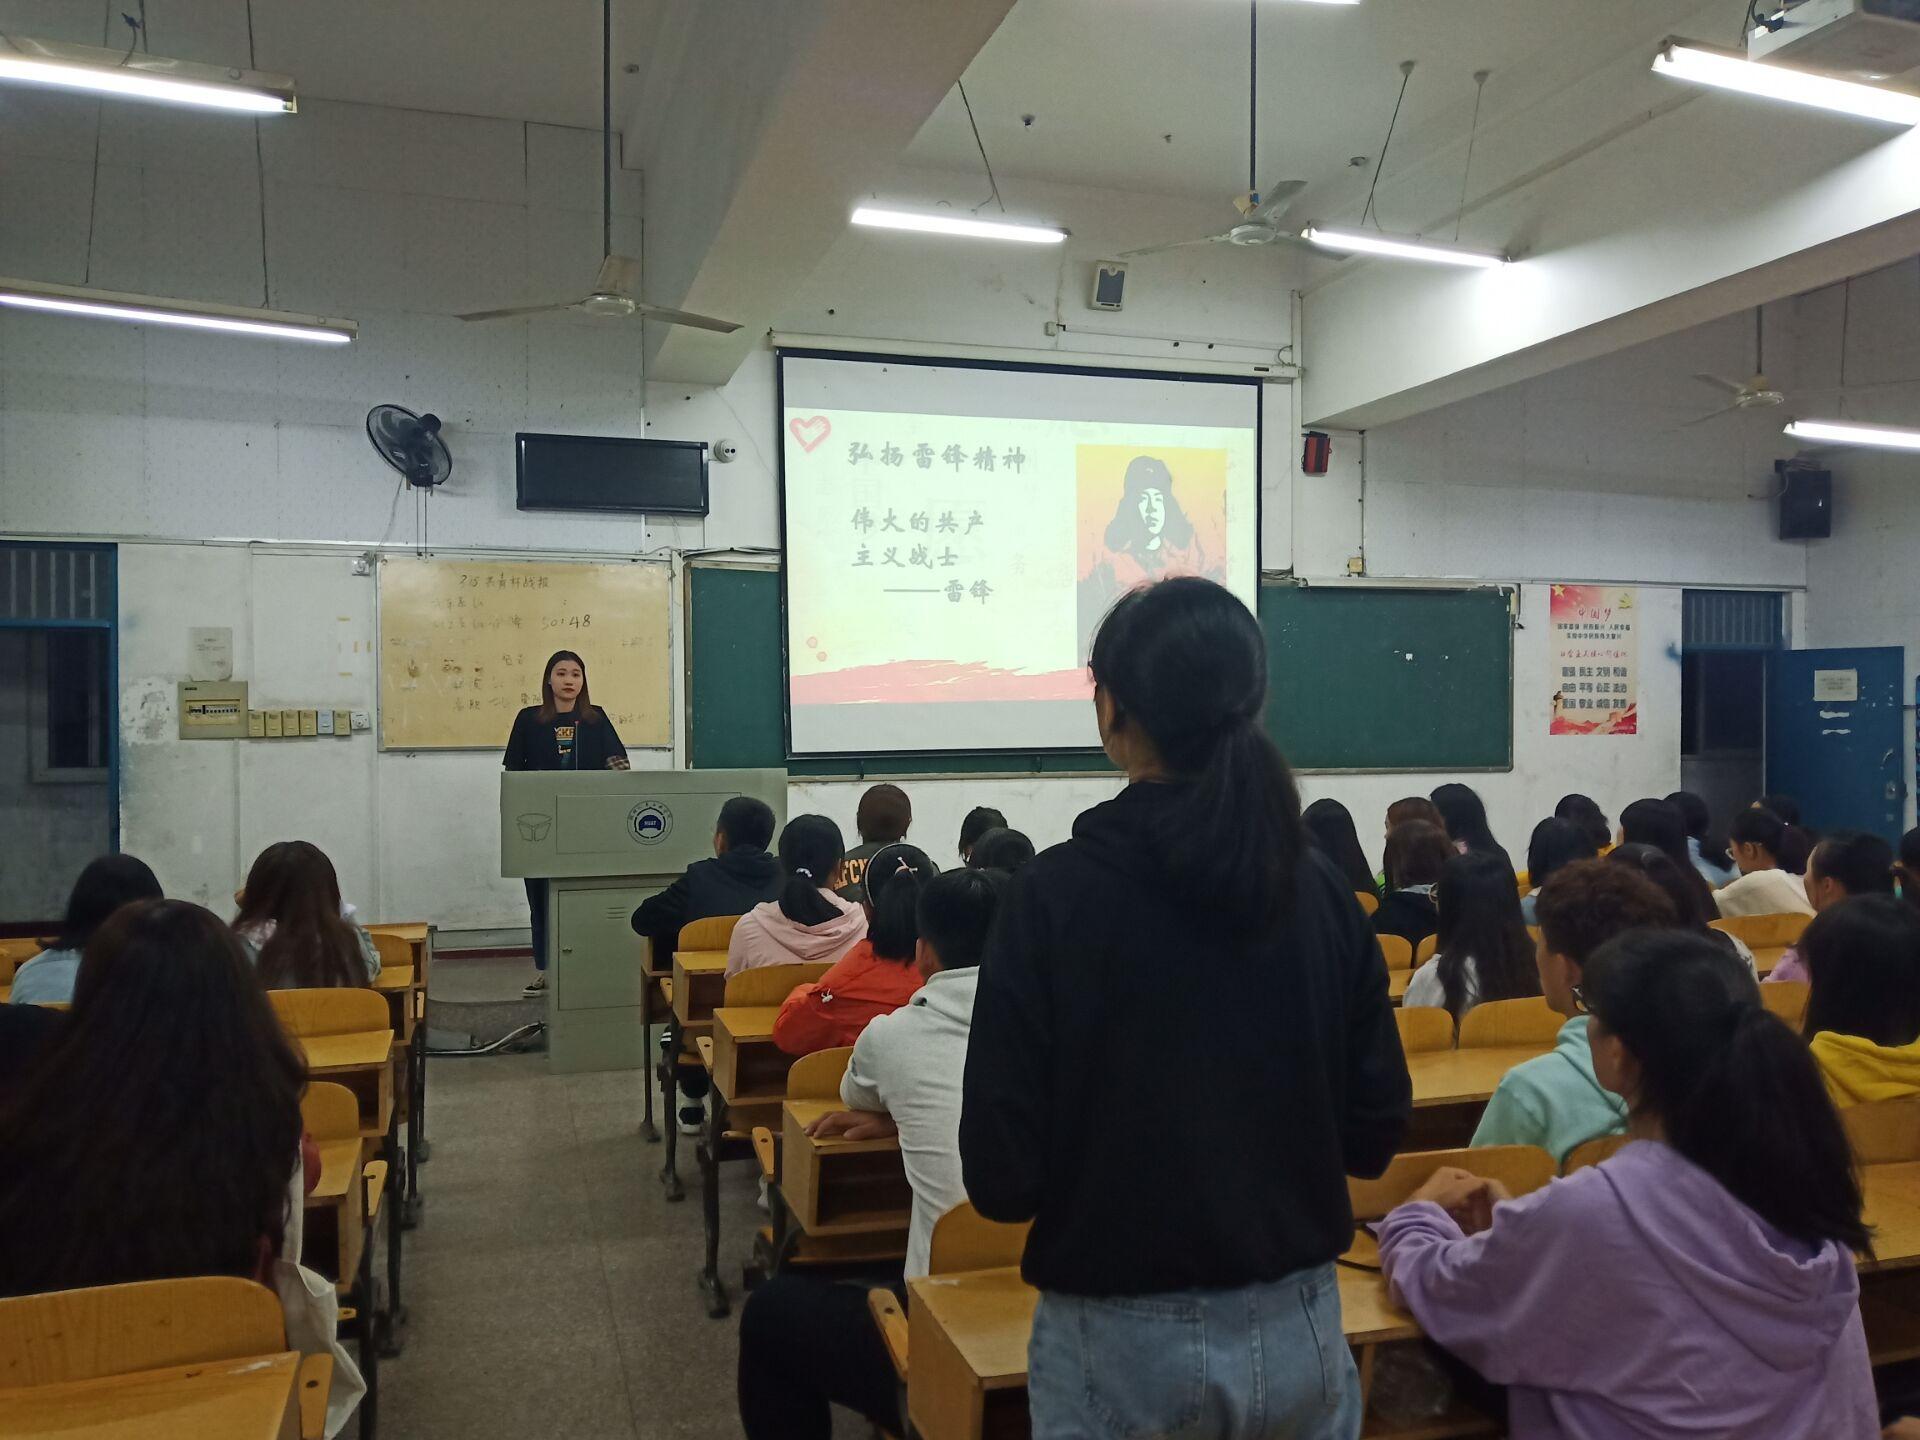 【用行动宣扬志愿精神,献青春书写志愿人生】